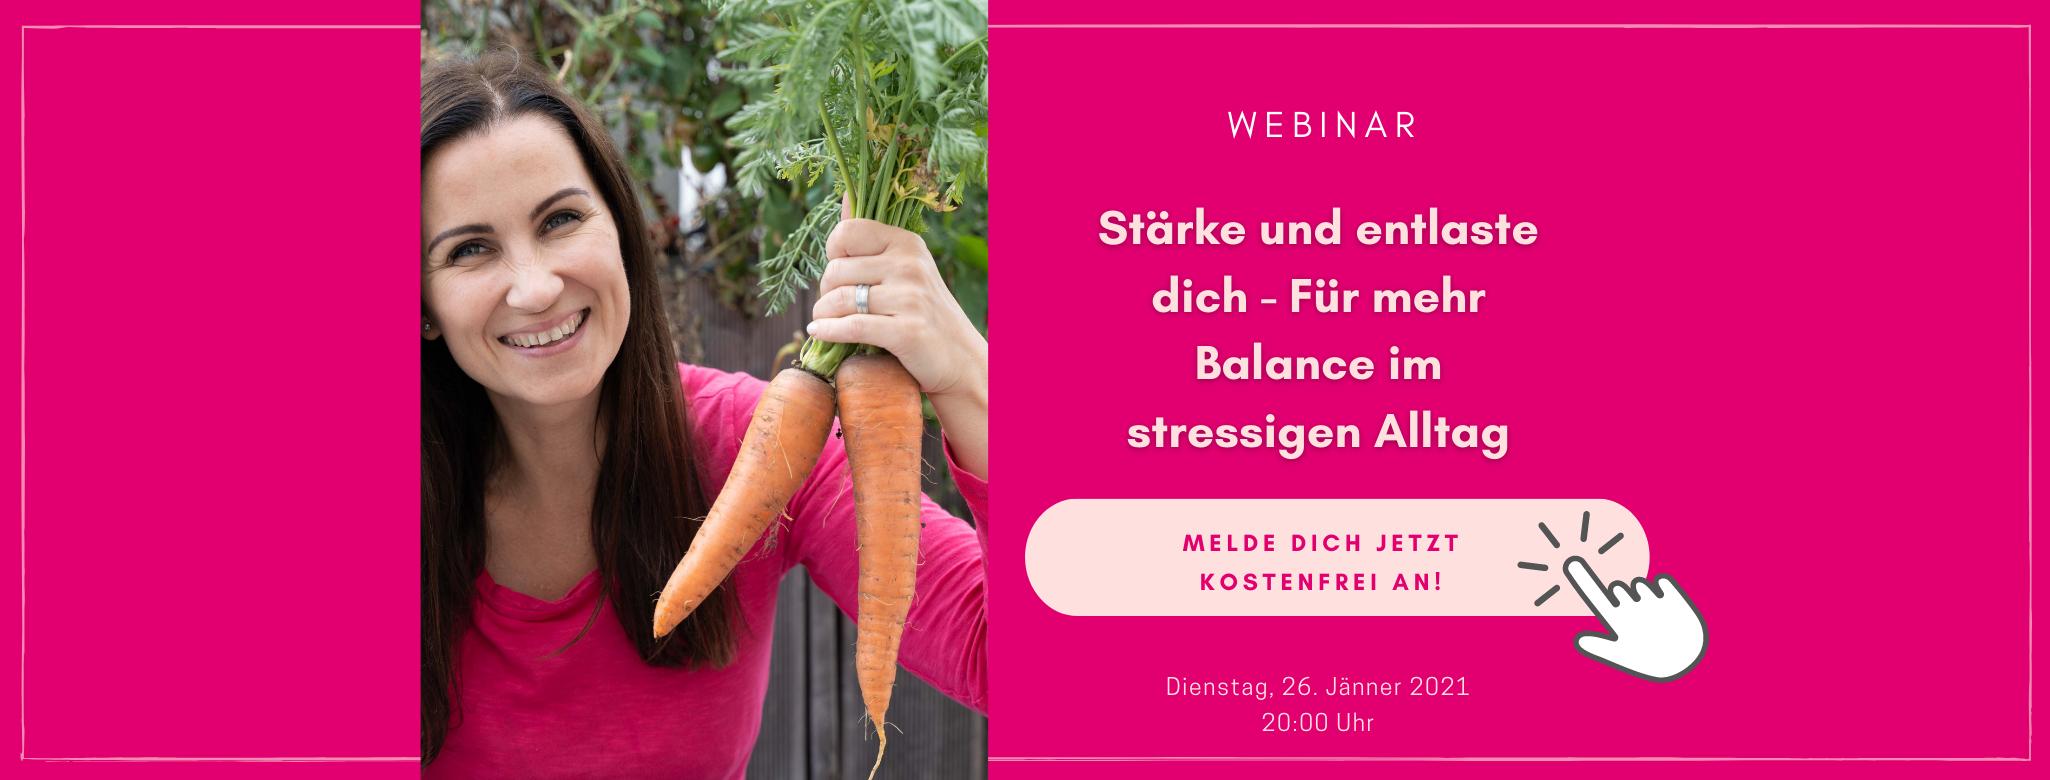 Webinar - Stärke und entlaste dich - Für mehr Balance im stressigen Alltag - Immunsystem stärken - Ernährungsumstellung - TCM Ernährungsexpertin - Anna Reschreiter - annatsu